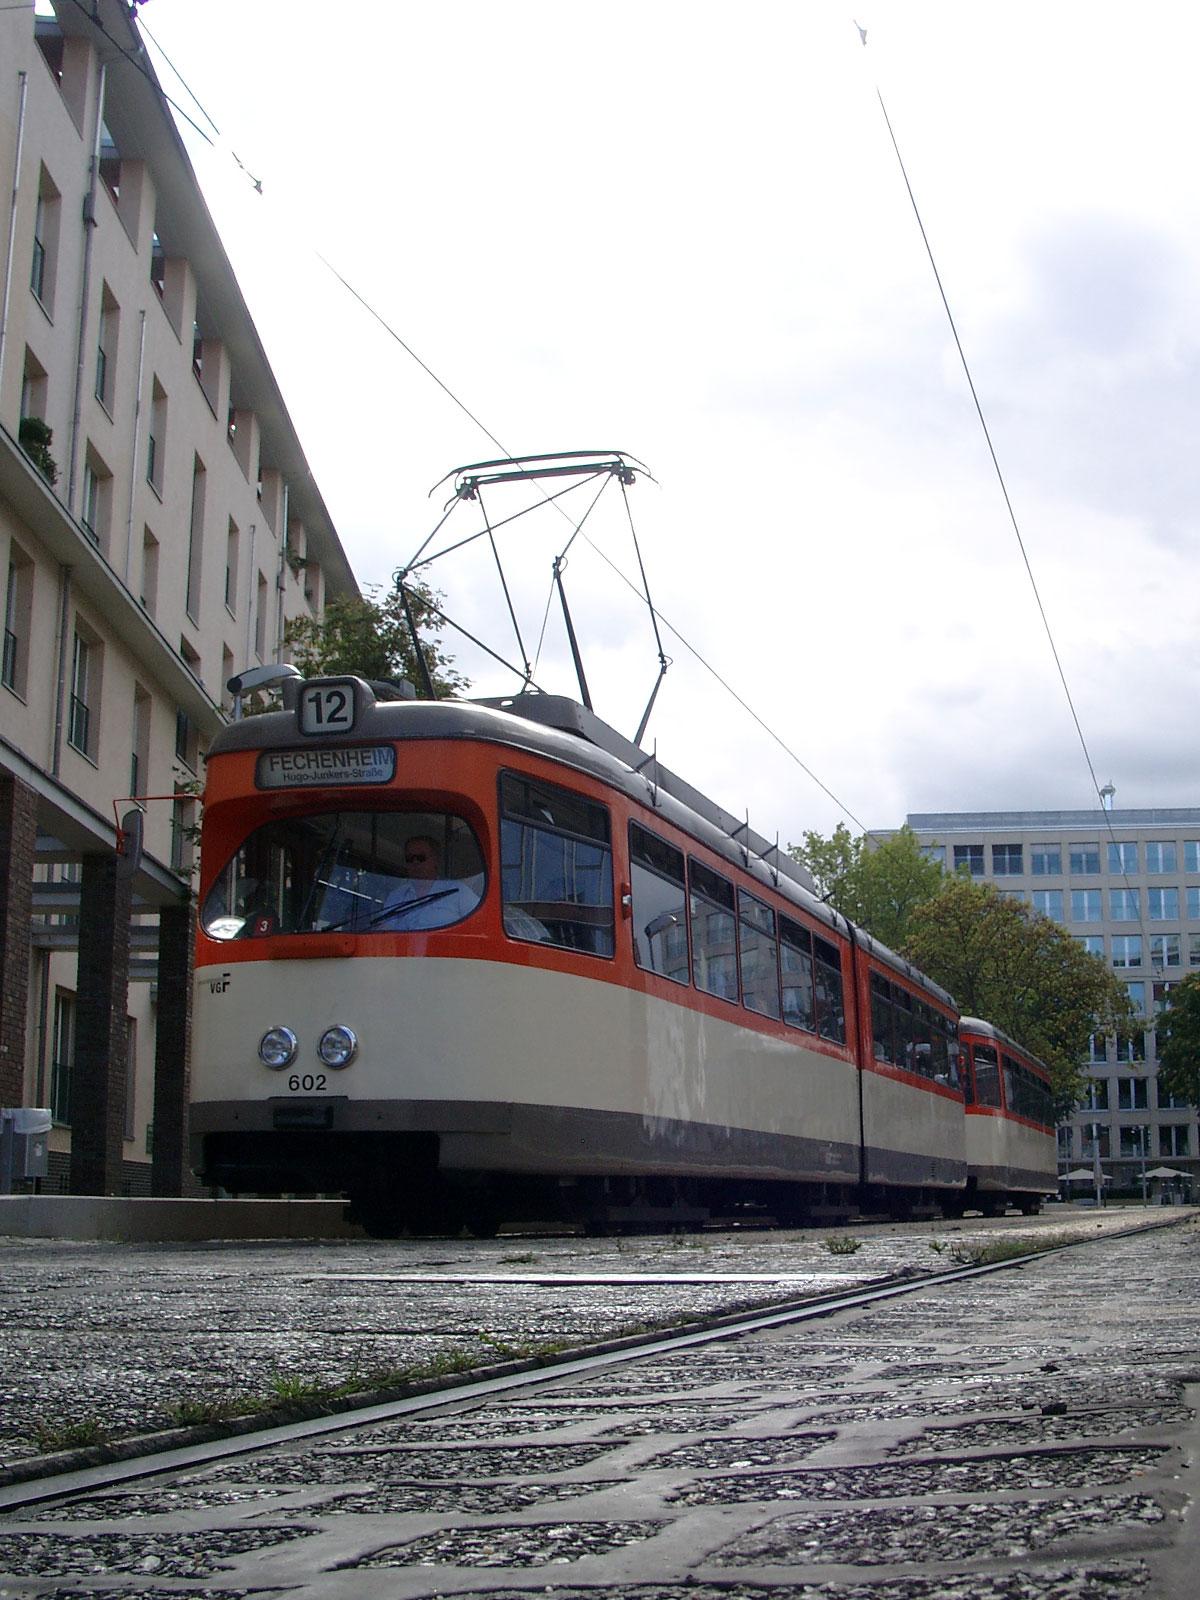 M-tram-frankfurt